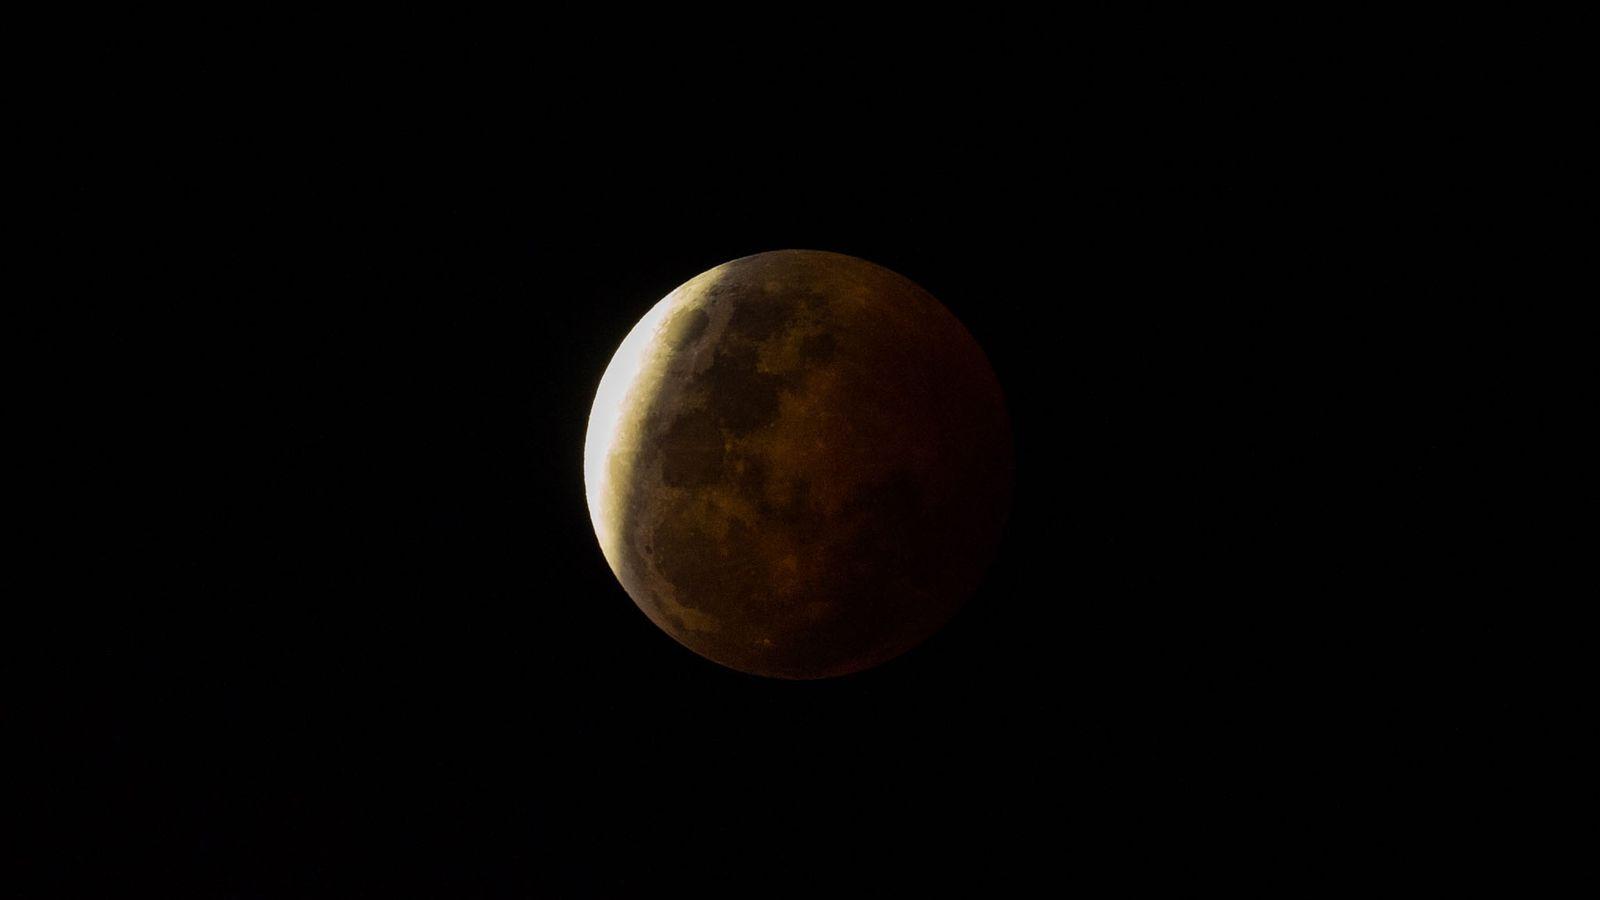 Ein Schatten fällt während einer Mondfinsternis auf die Oberfläche des Monds.